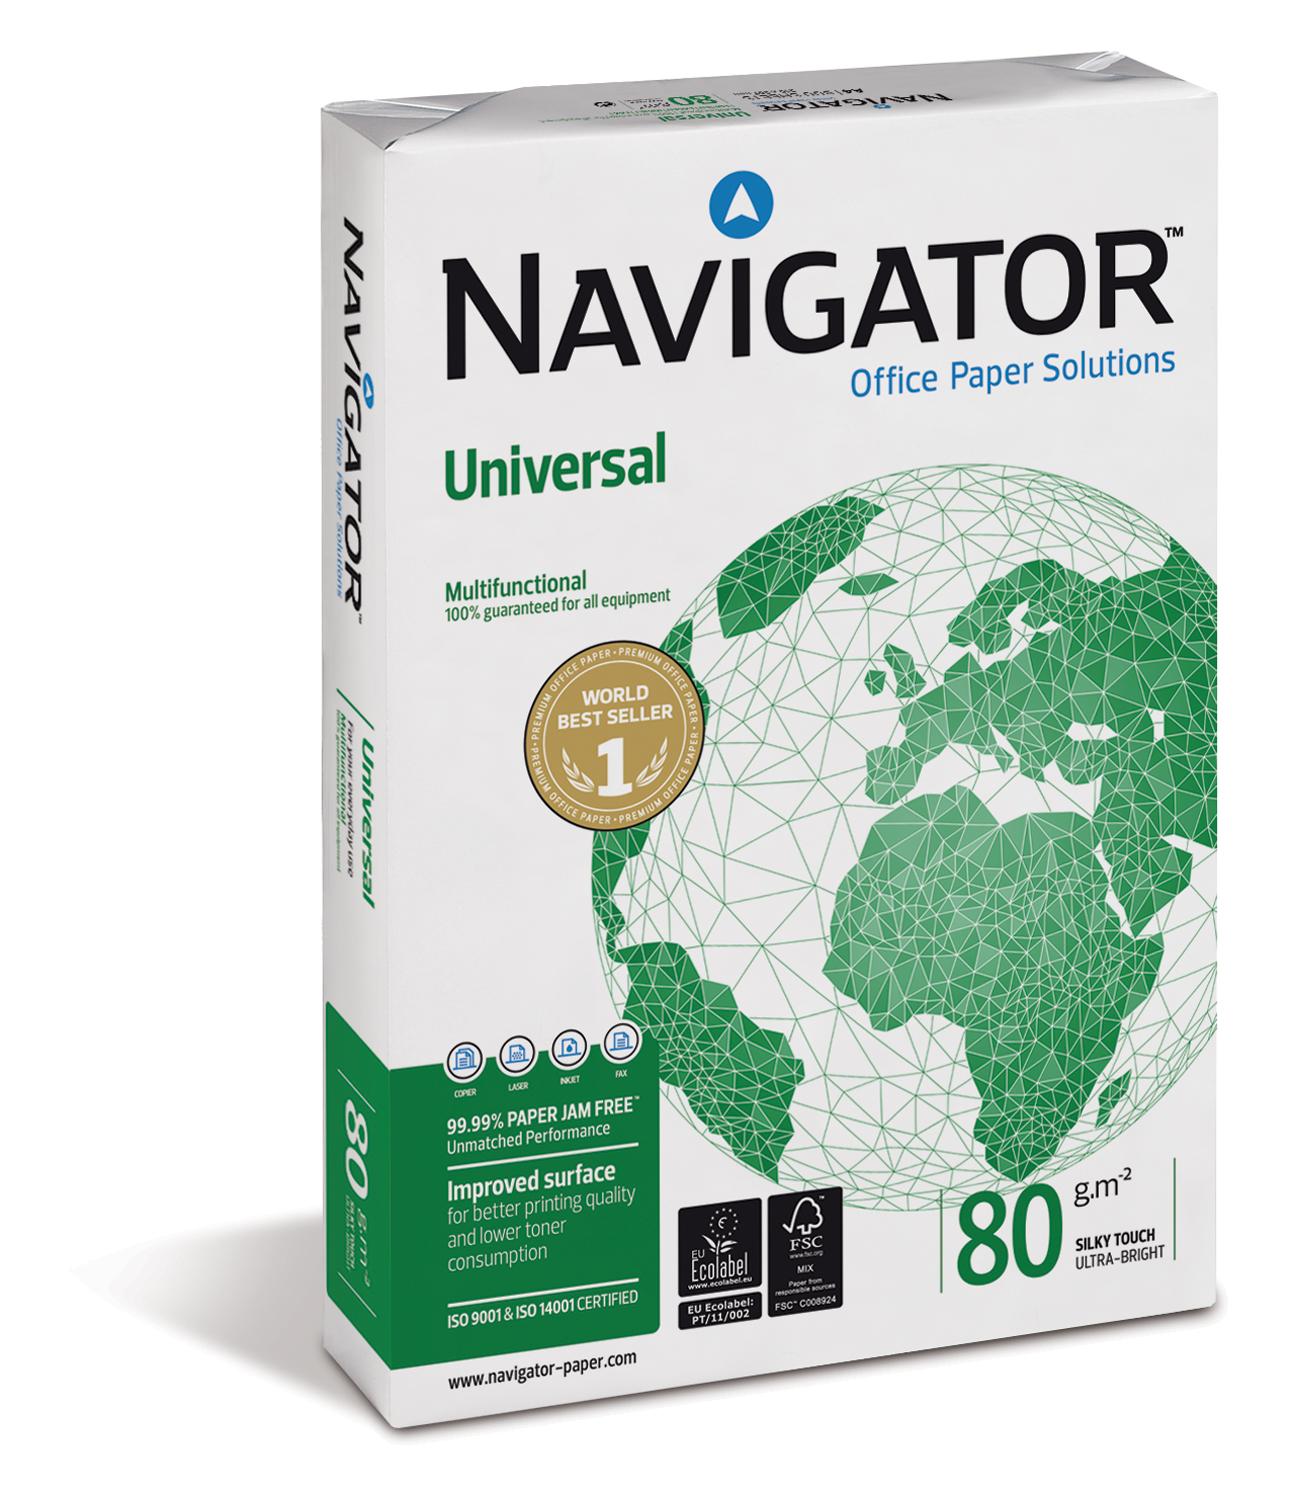 Vorschau: Navigator Universal 80g/m² DIN-A3 - 500 Blatt weiß